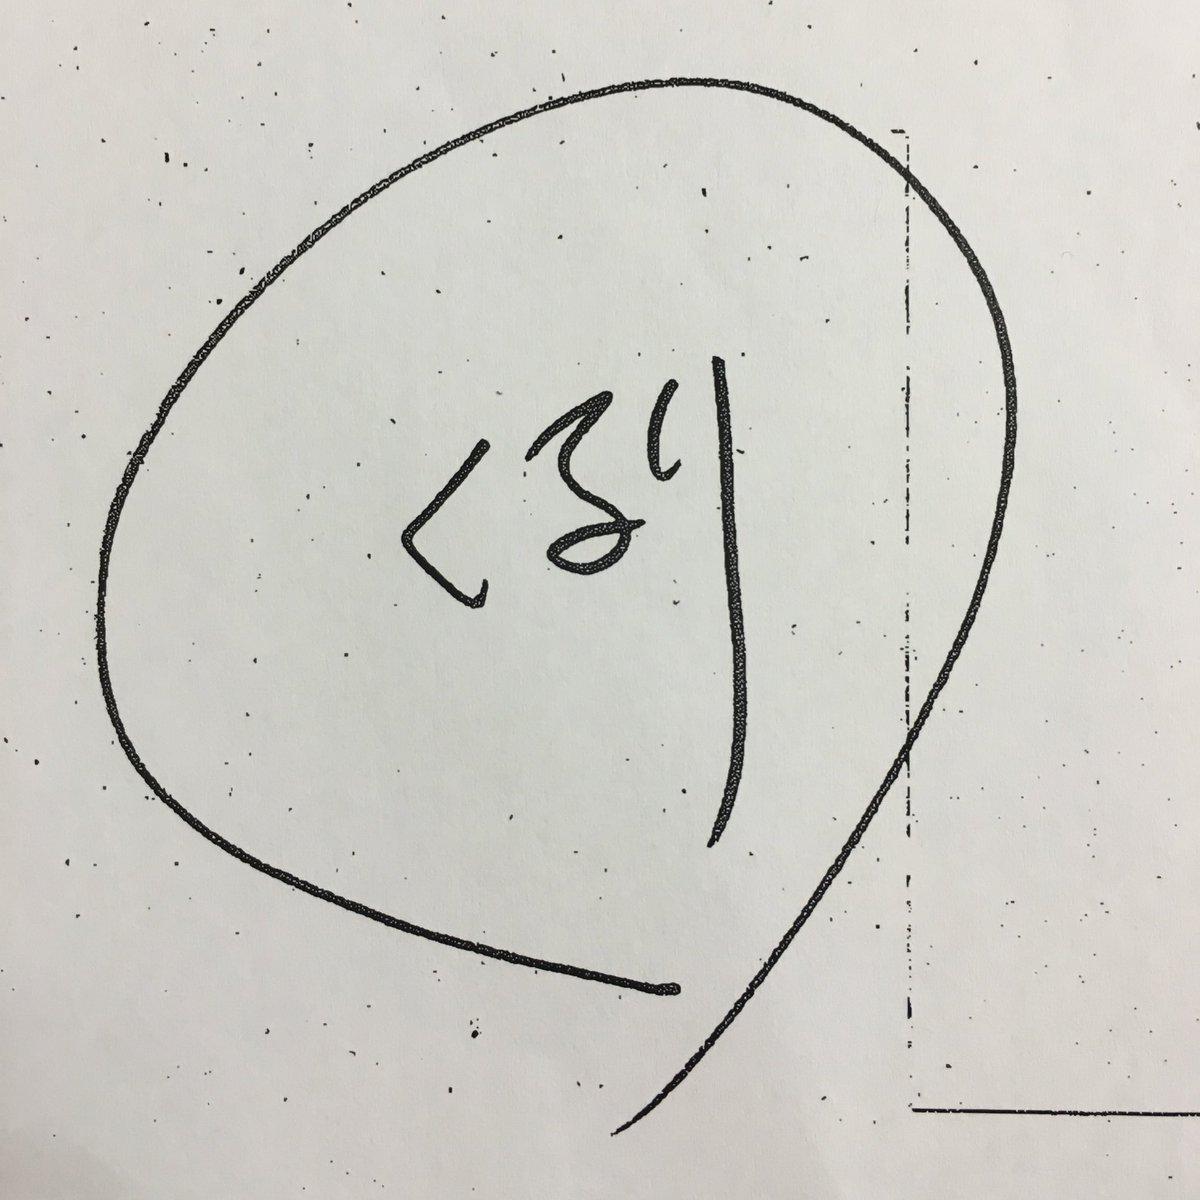 某役所から送られて来たfaxにくるりって書いてあって、くるりとは…って考えてたんだけど、どうやら「例」みたいす pic.twitter.com/0VfElozlAP